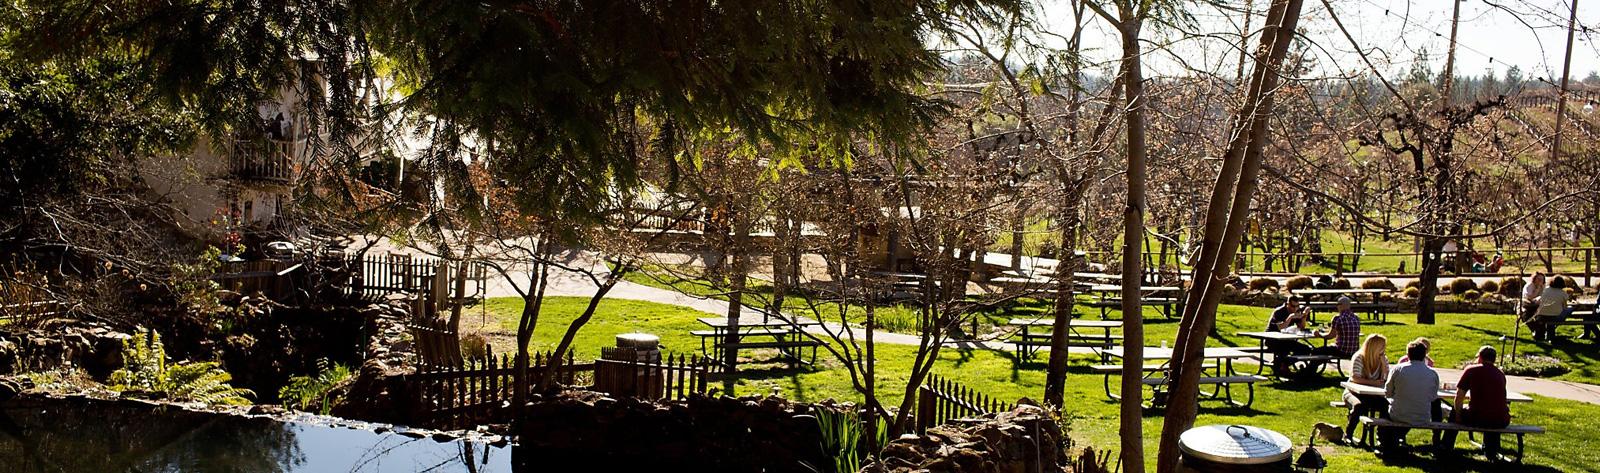 EL Dorado County Wineries Limo Service Sausalito